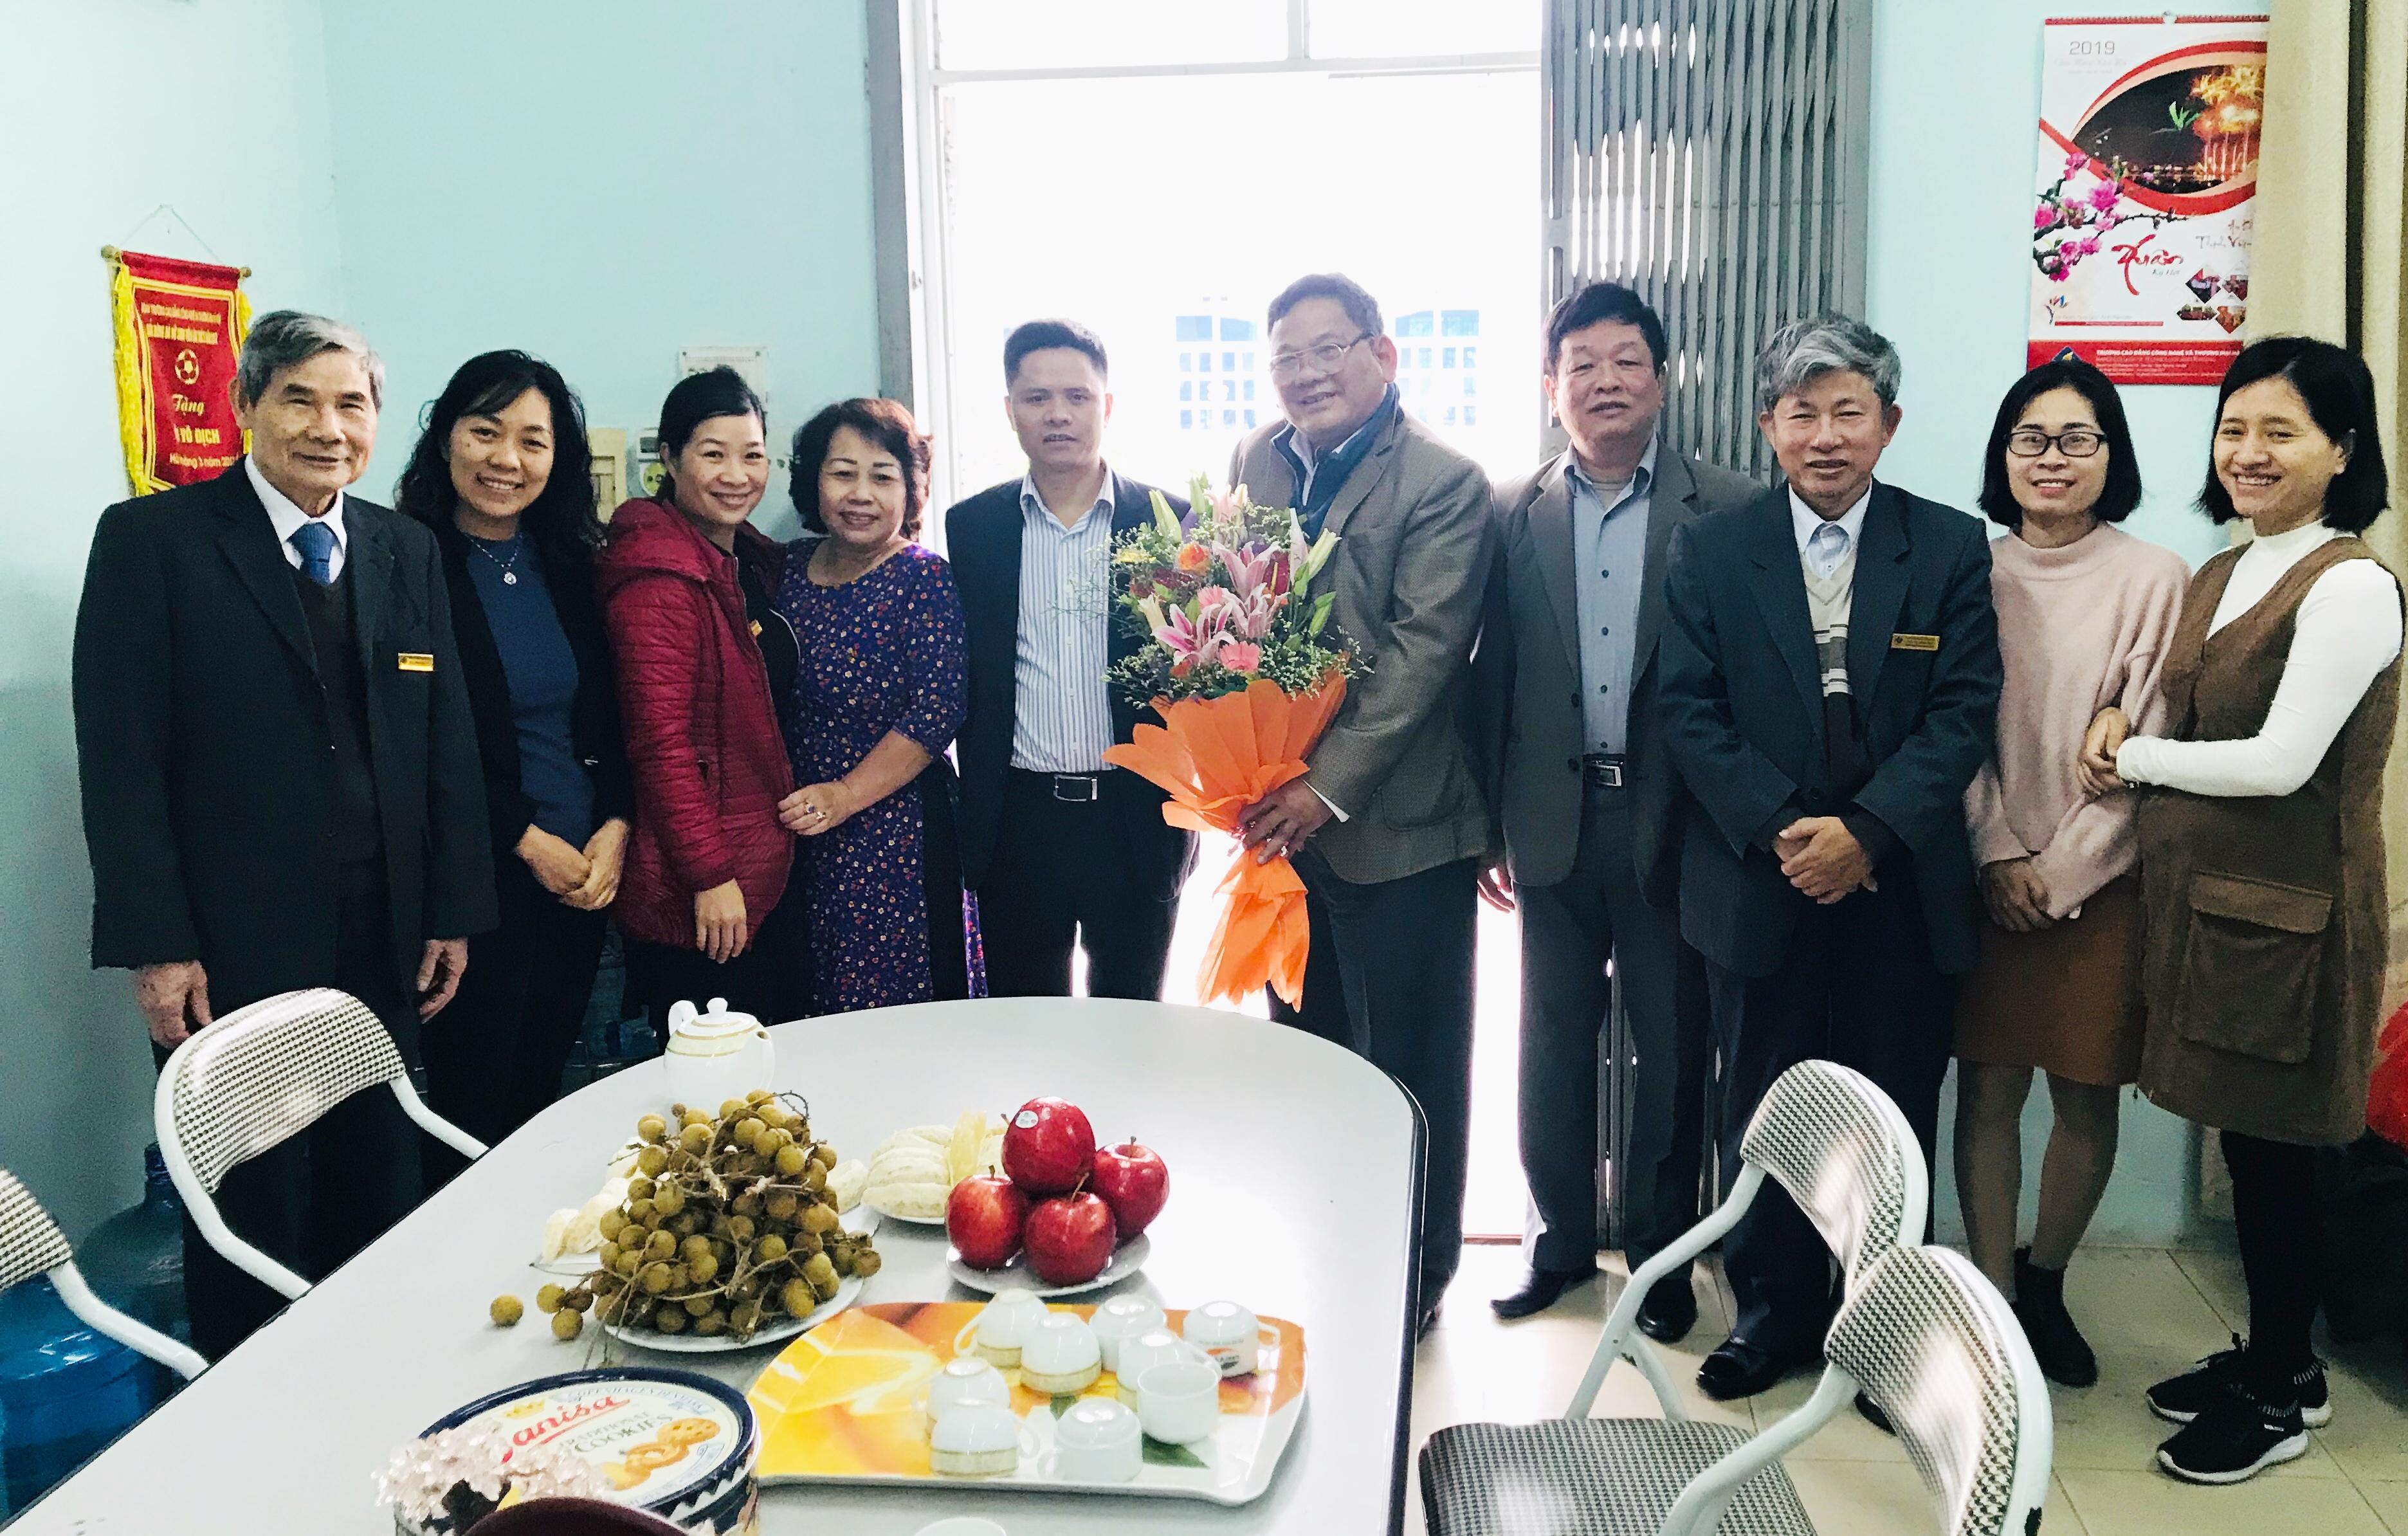 Ban Giám hiệu tặng hoa chúc mừng ngày thầy thuốc Việt Nam 27/2 khoa Y Dược - Điều dưỡng